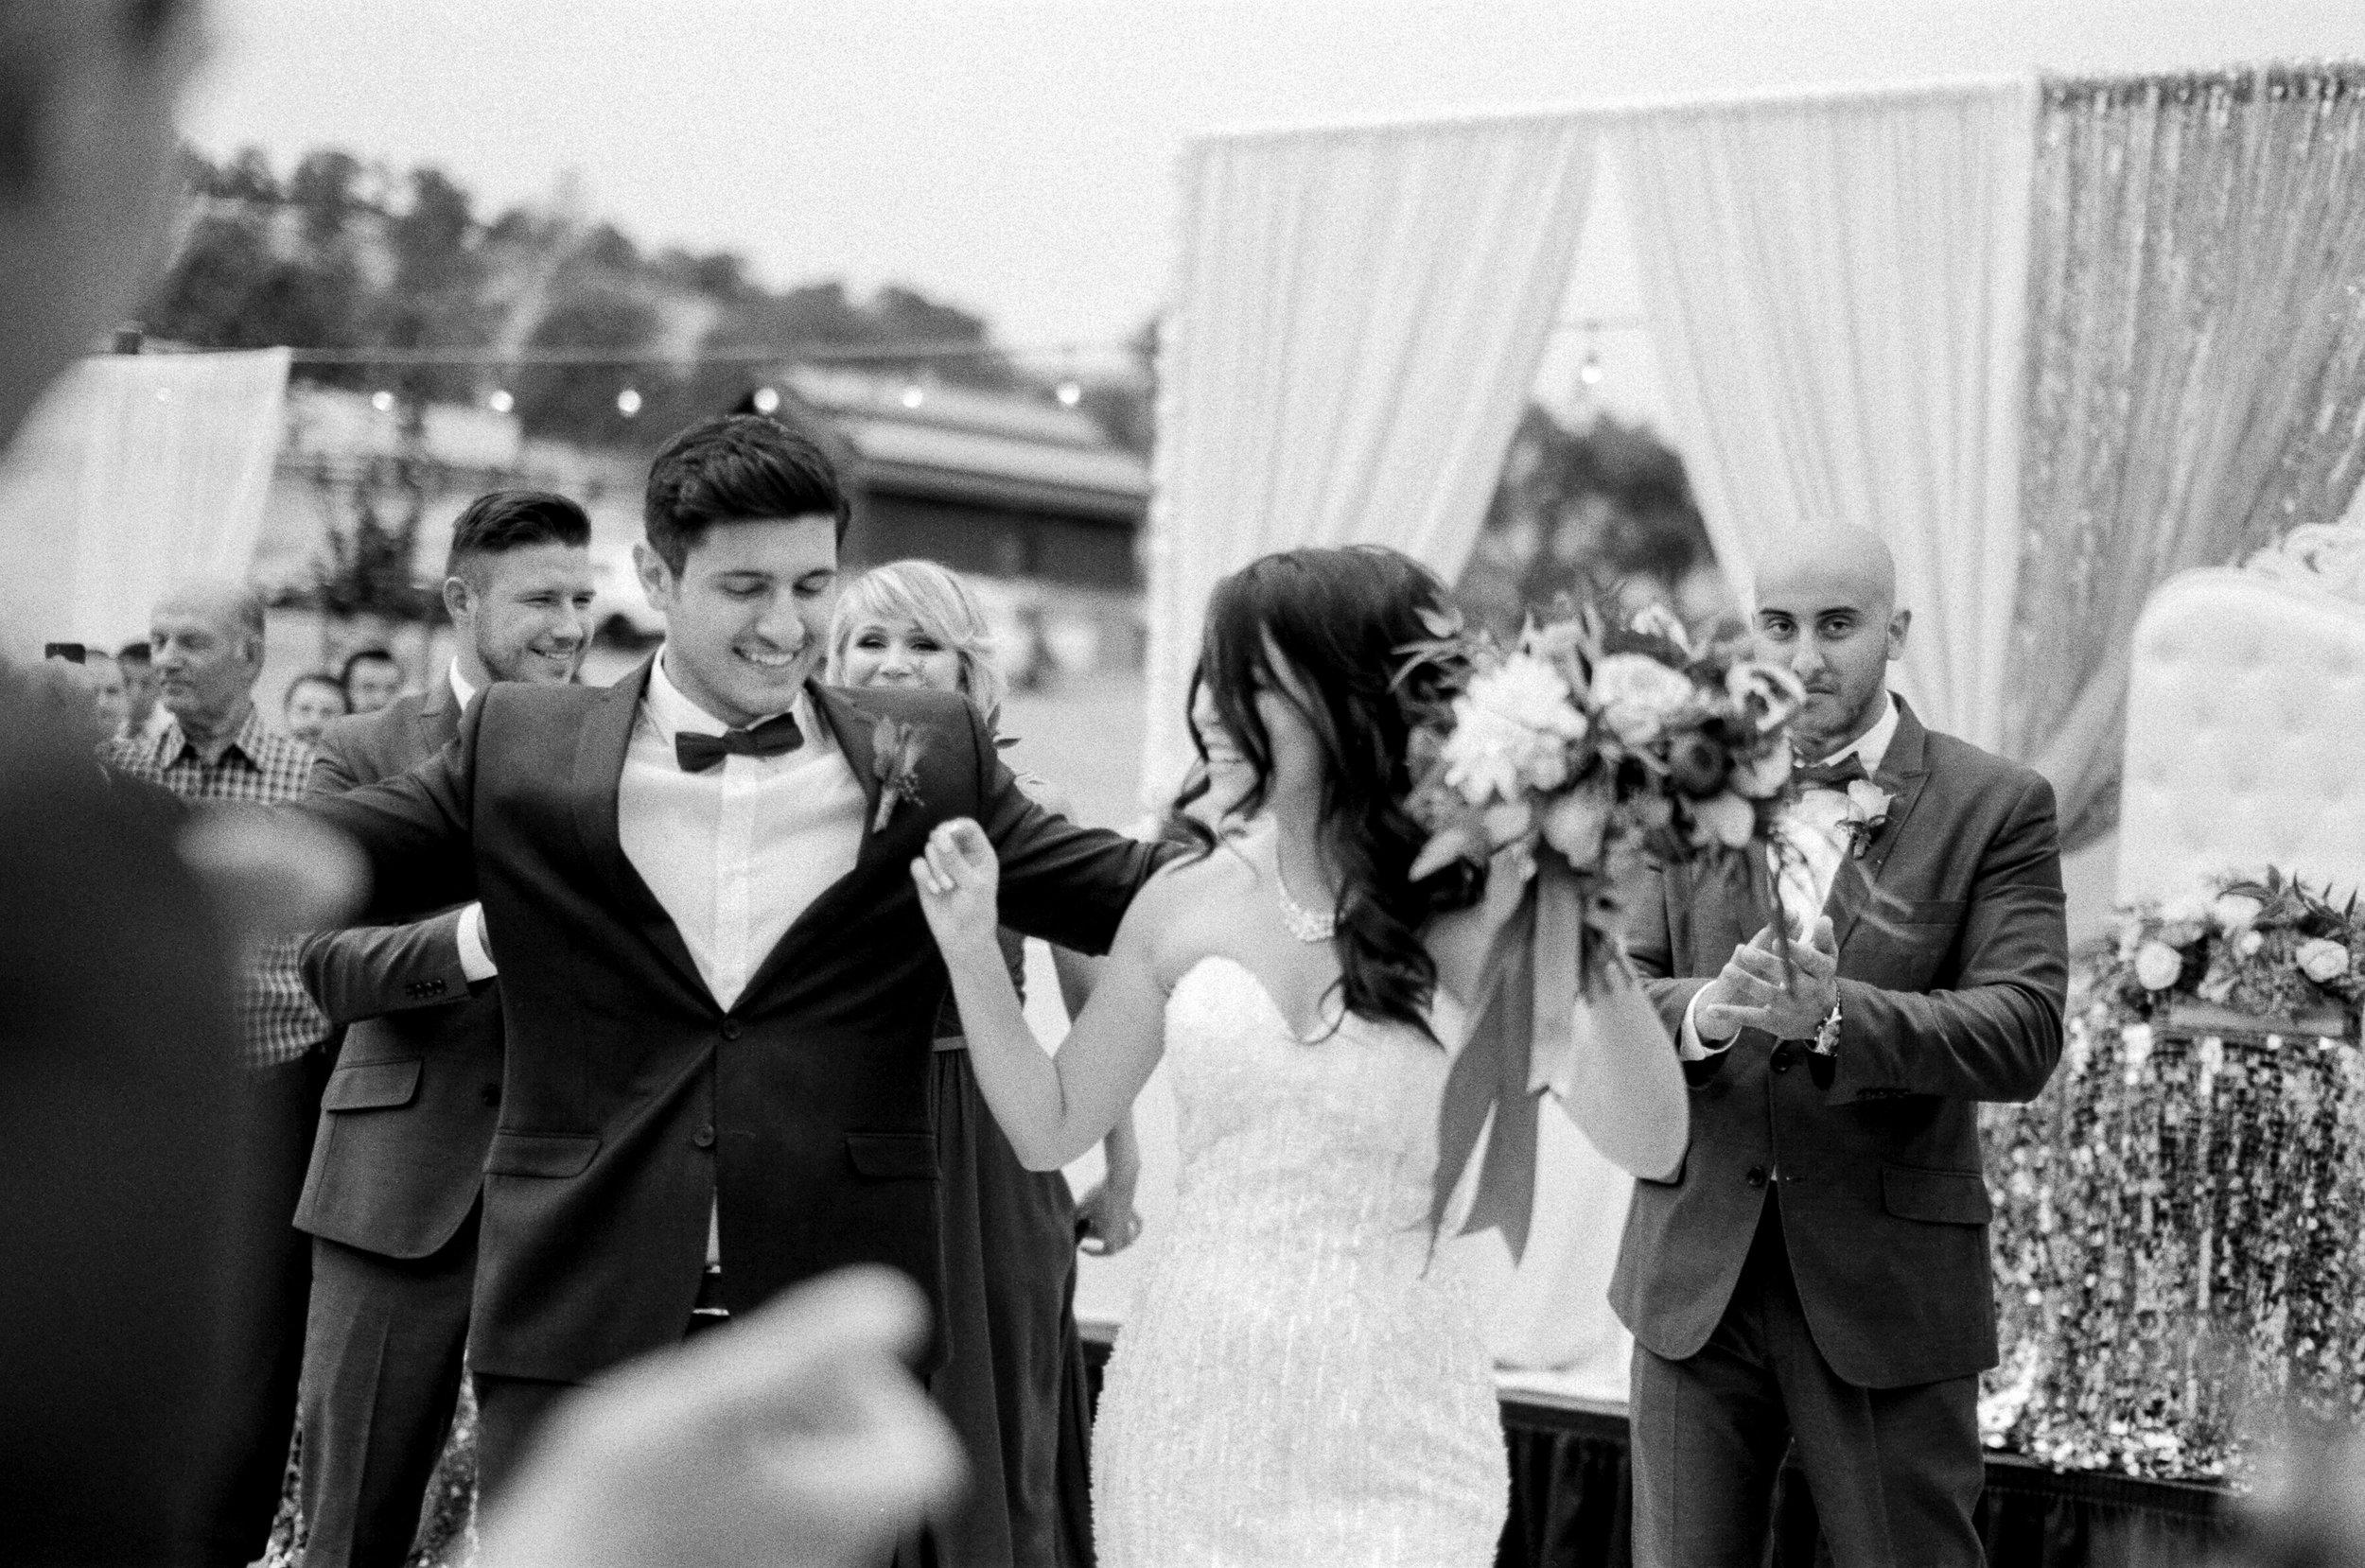 Amador_County_Wedding_Bride_Groom_Reception_Dance_Party_Rancho_Victoria_Vineyard_Northern_California.jpg